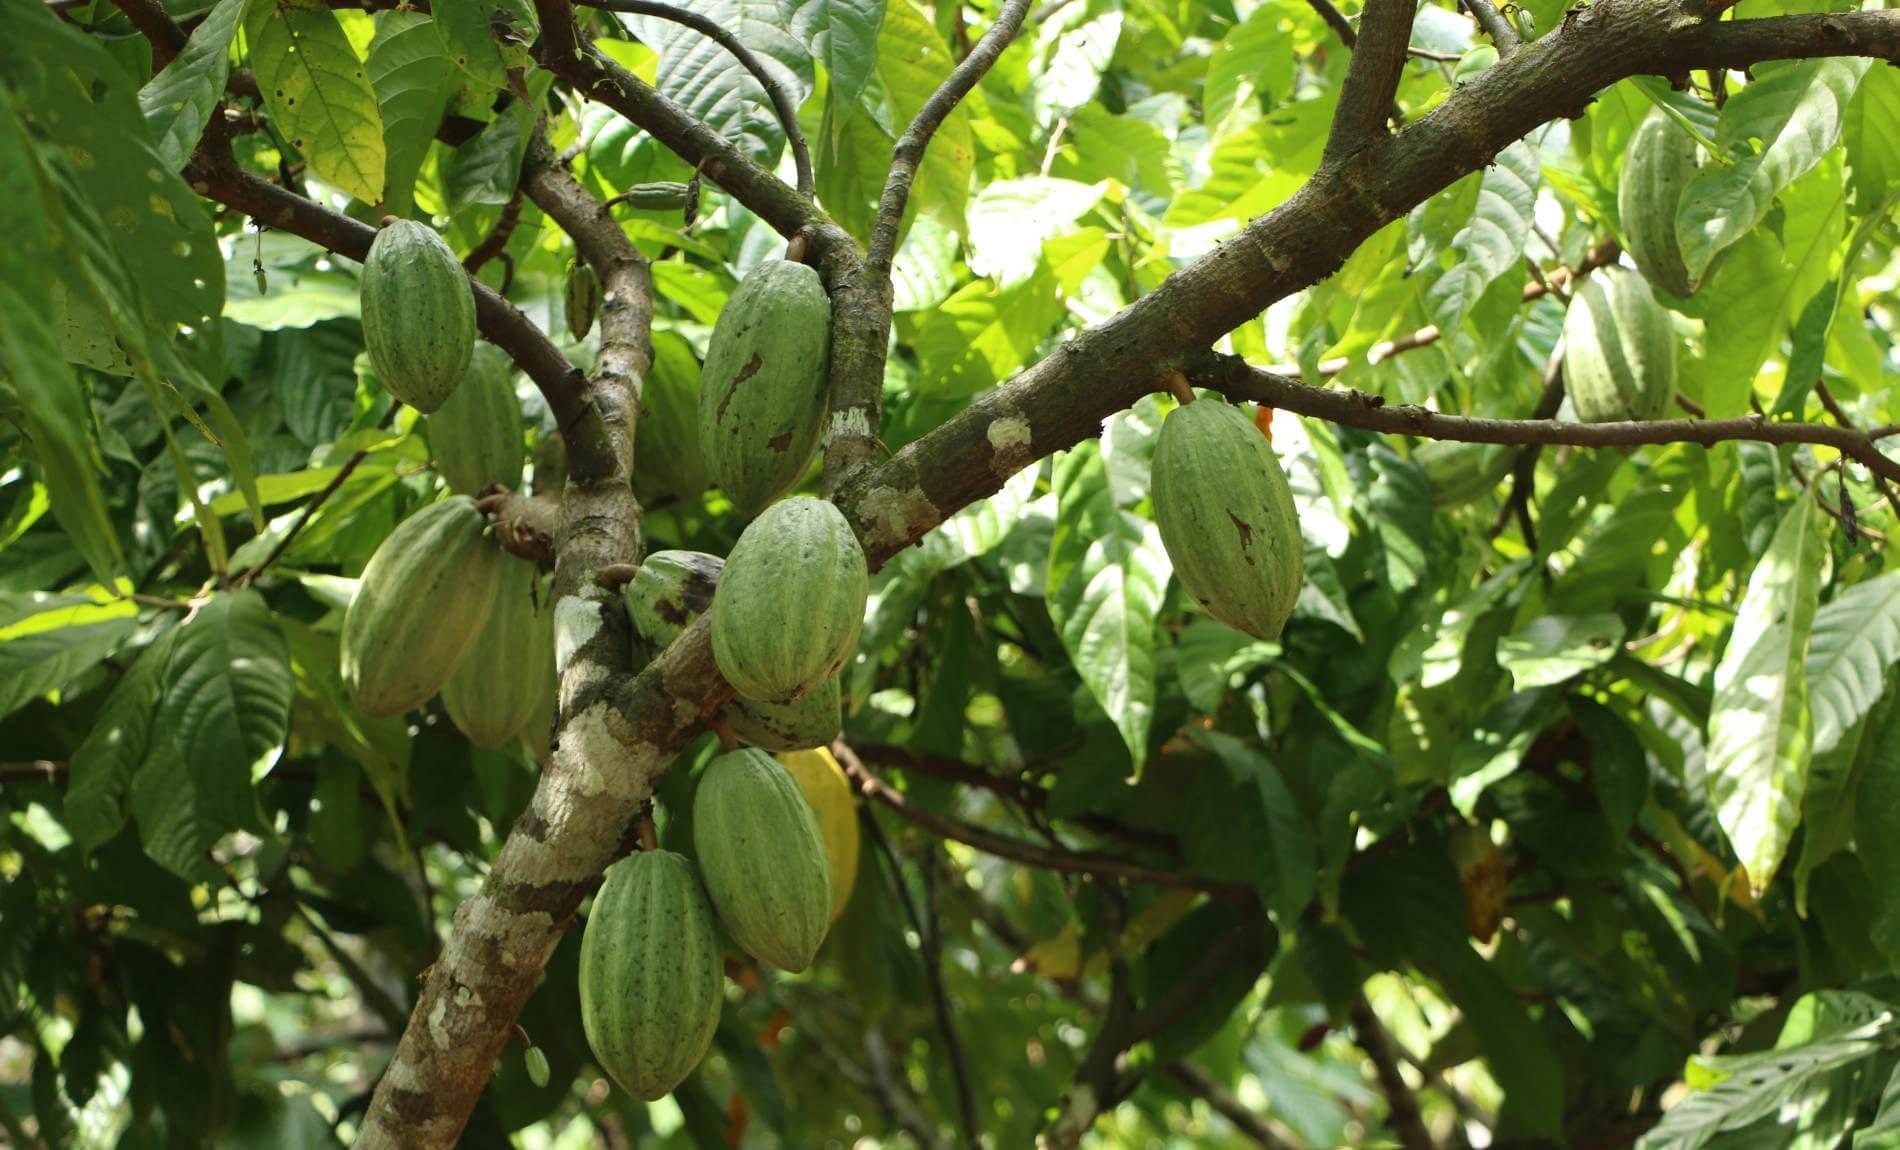 Mehrere grüne Kakaofrüchte auf einem grünen Kakaobaum